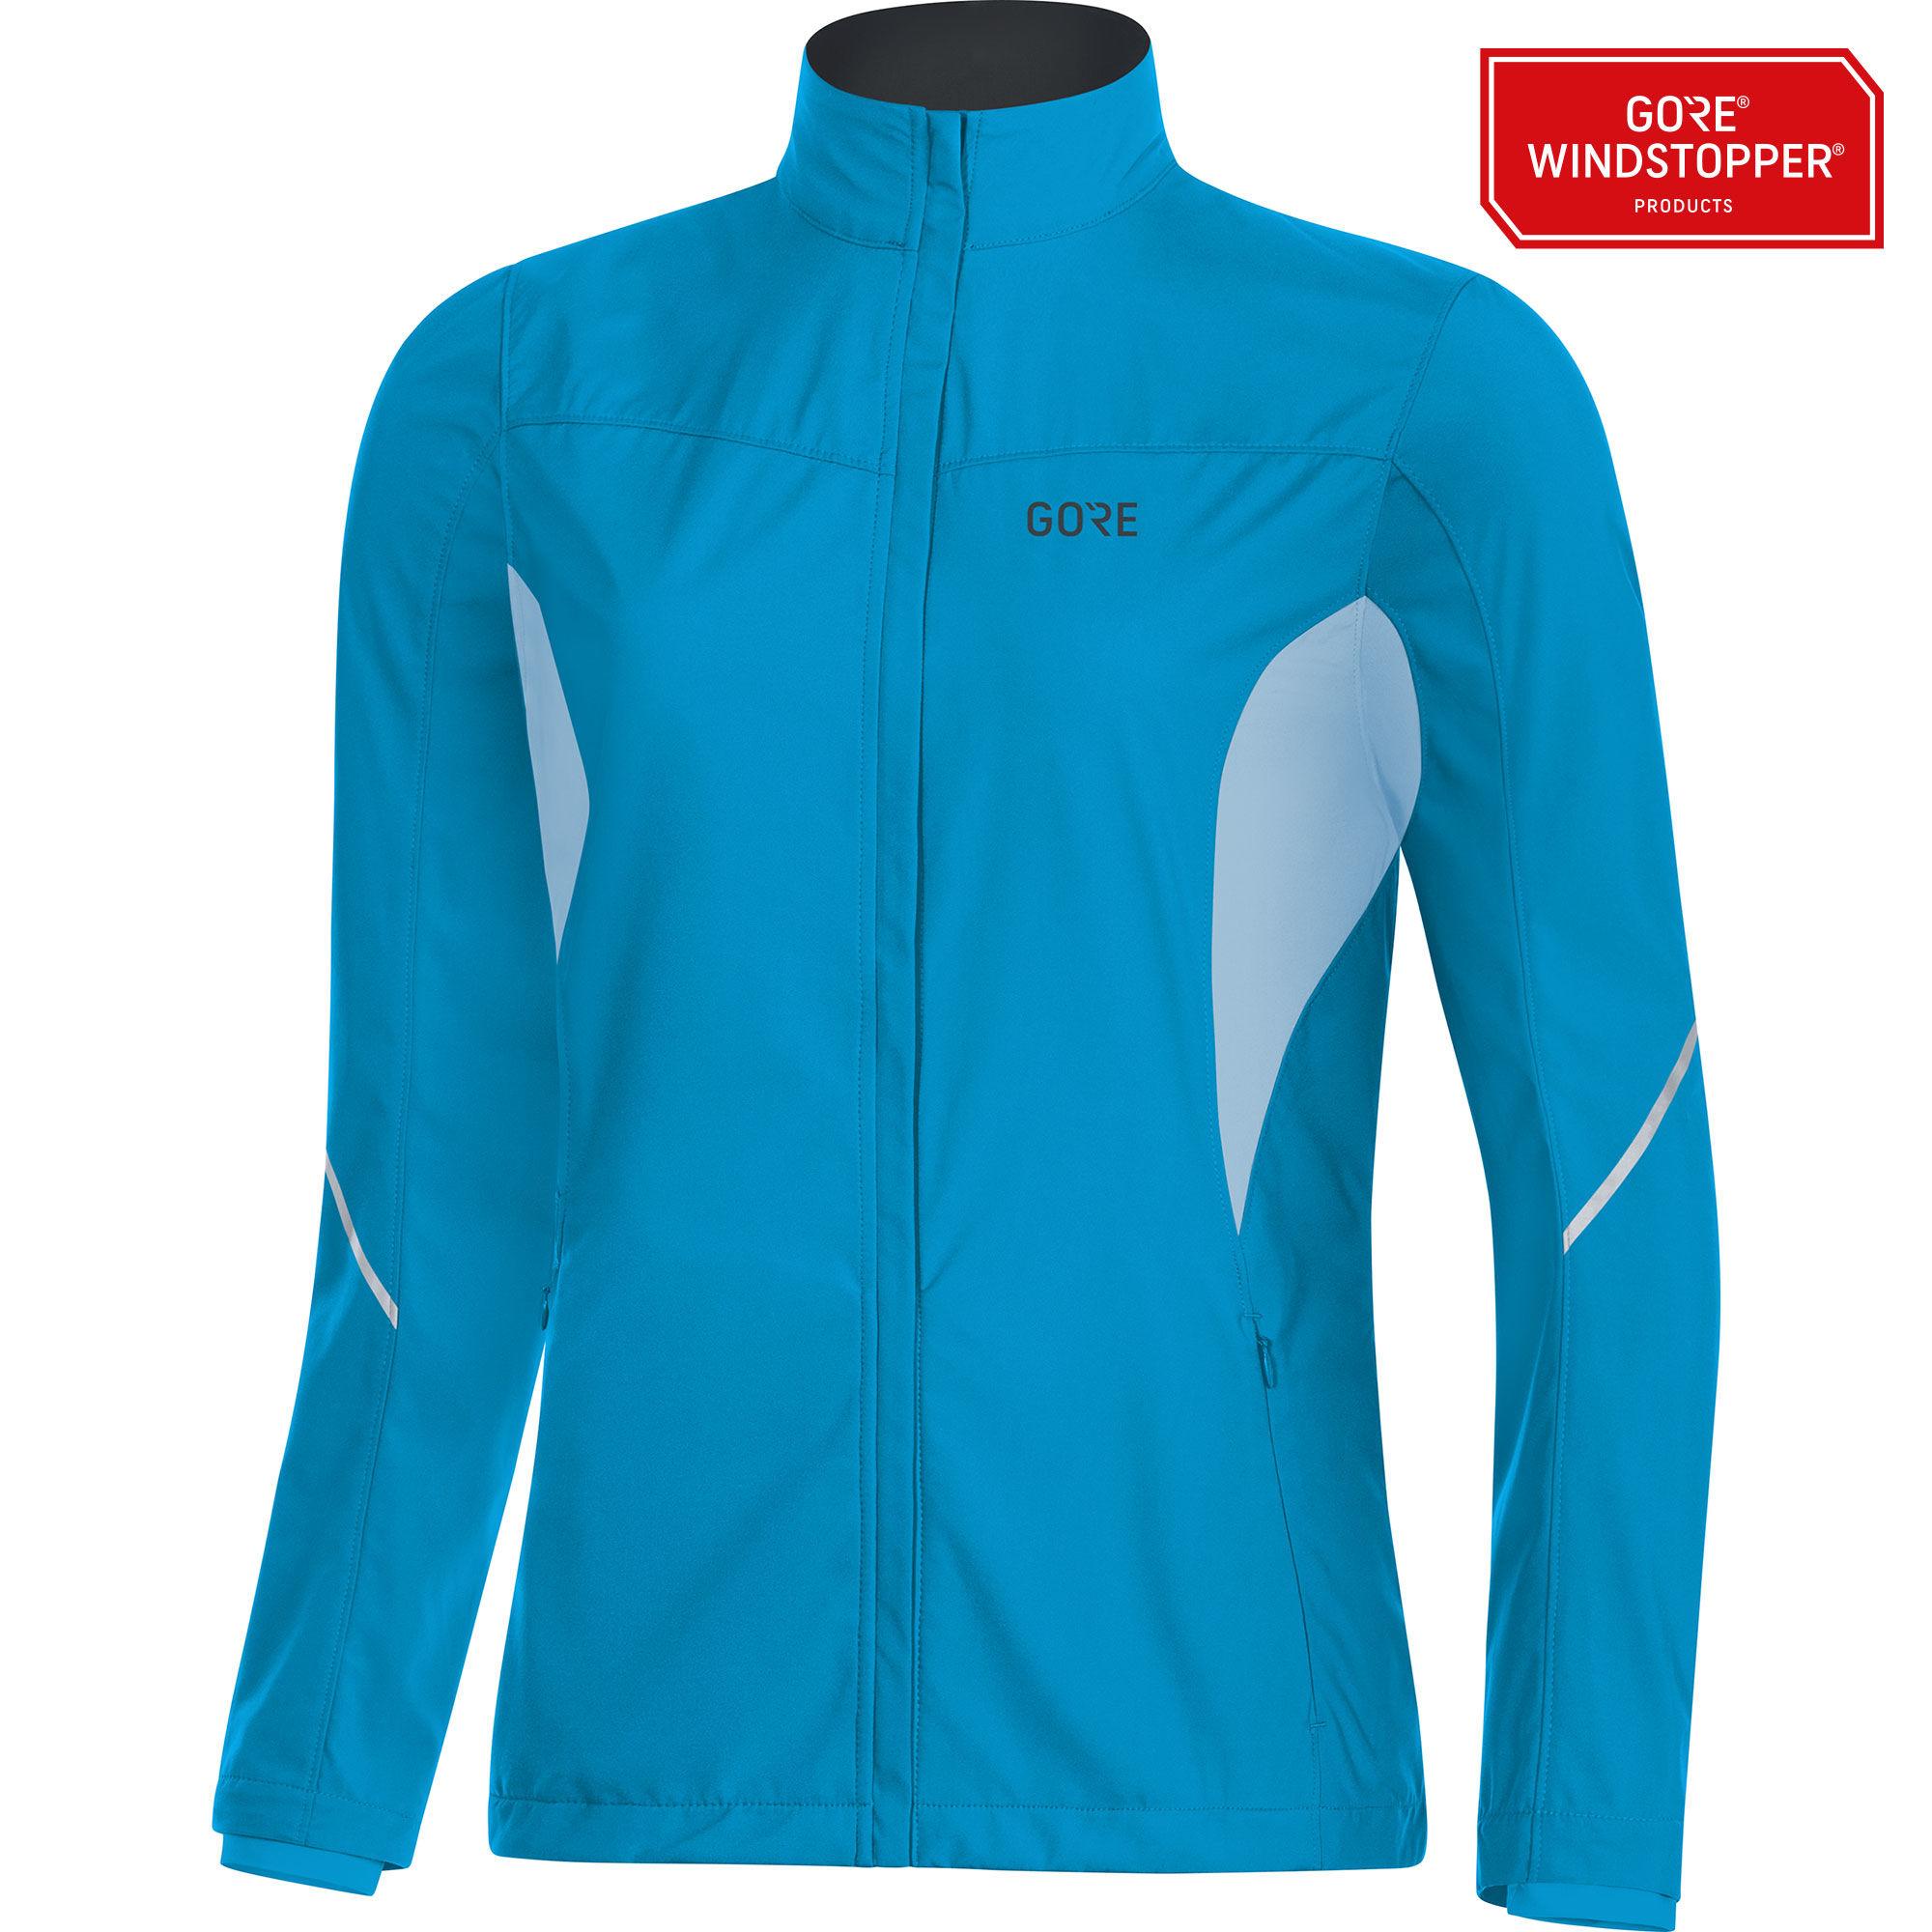 Gore R3 Lady Partial GWS Jacket in Blau